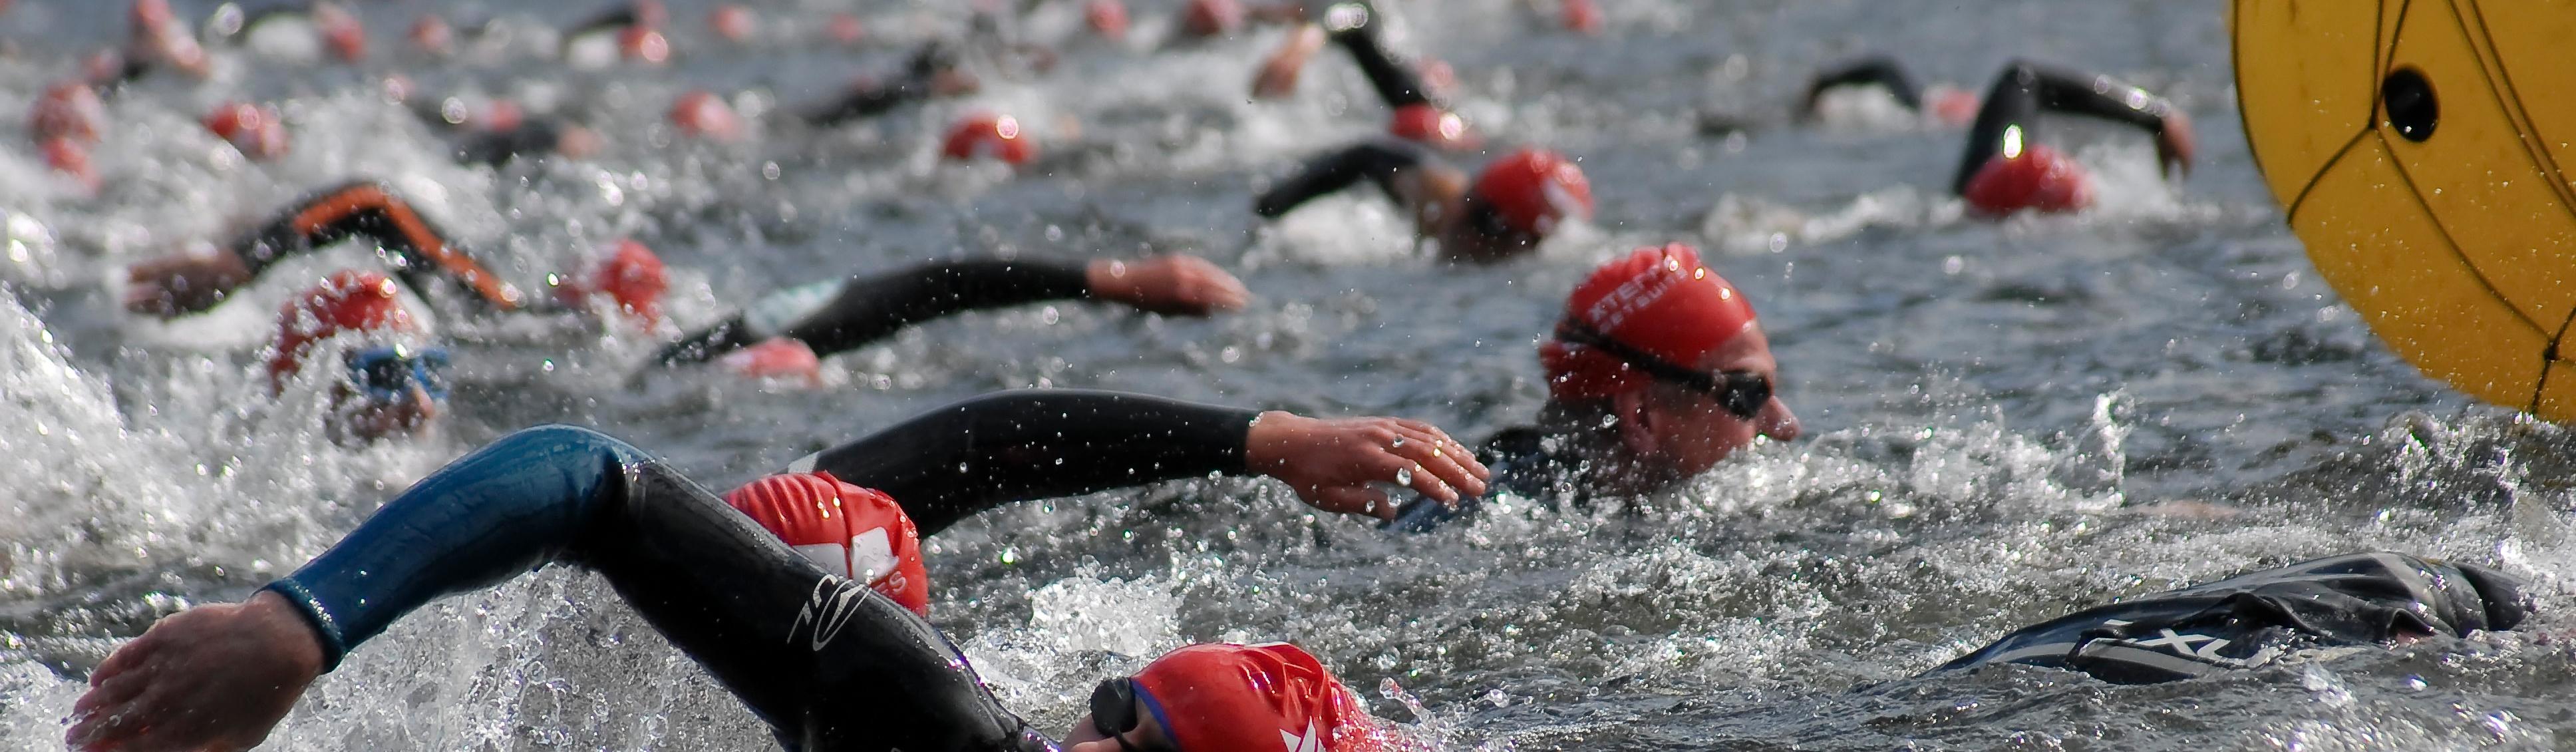 Epic Lakes Swim Ullswater, 14th June 2020